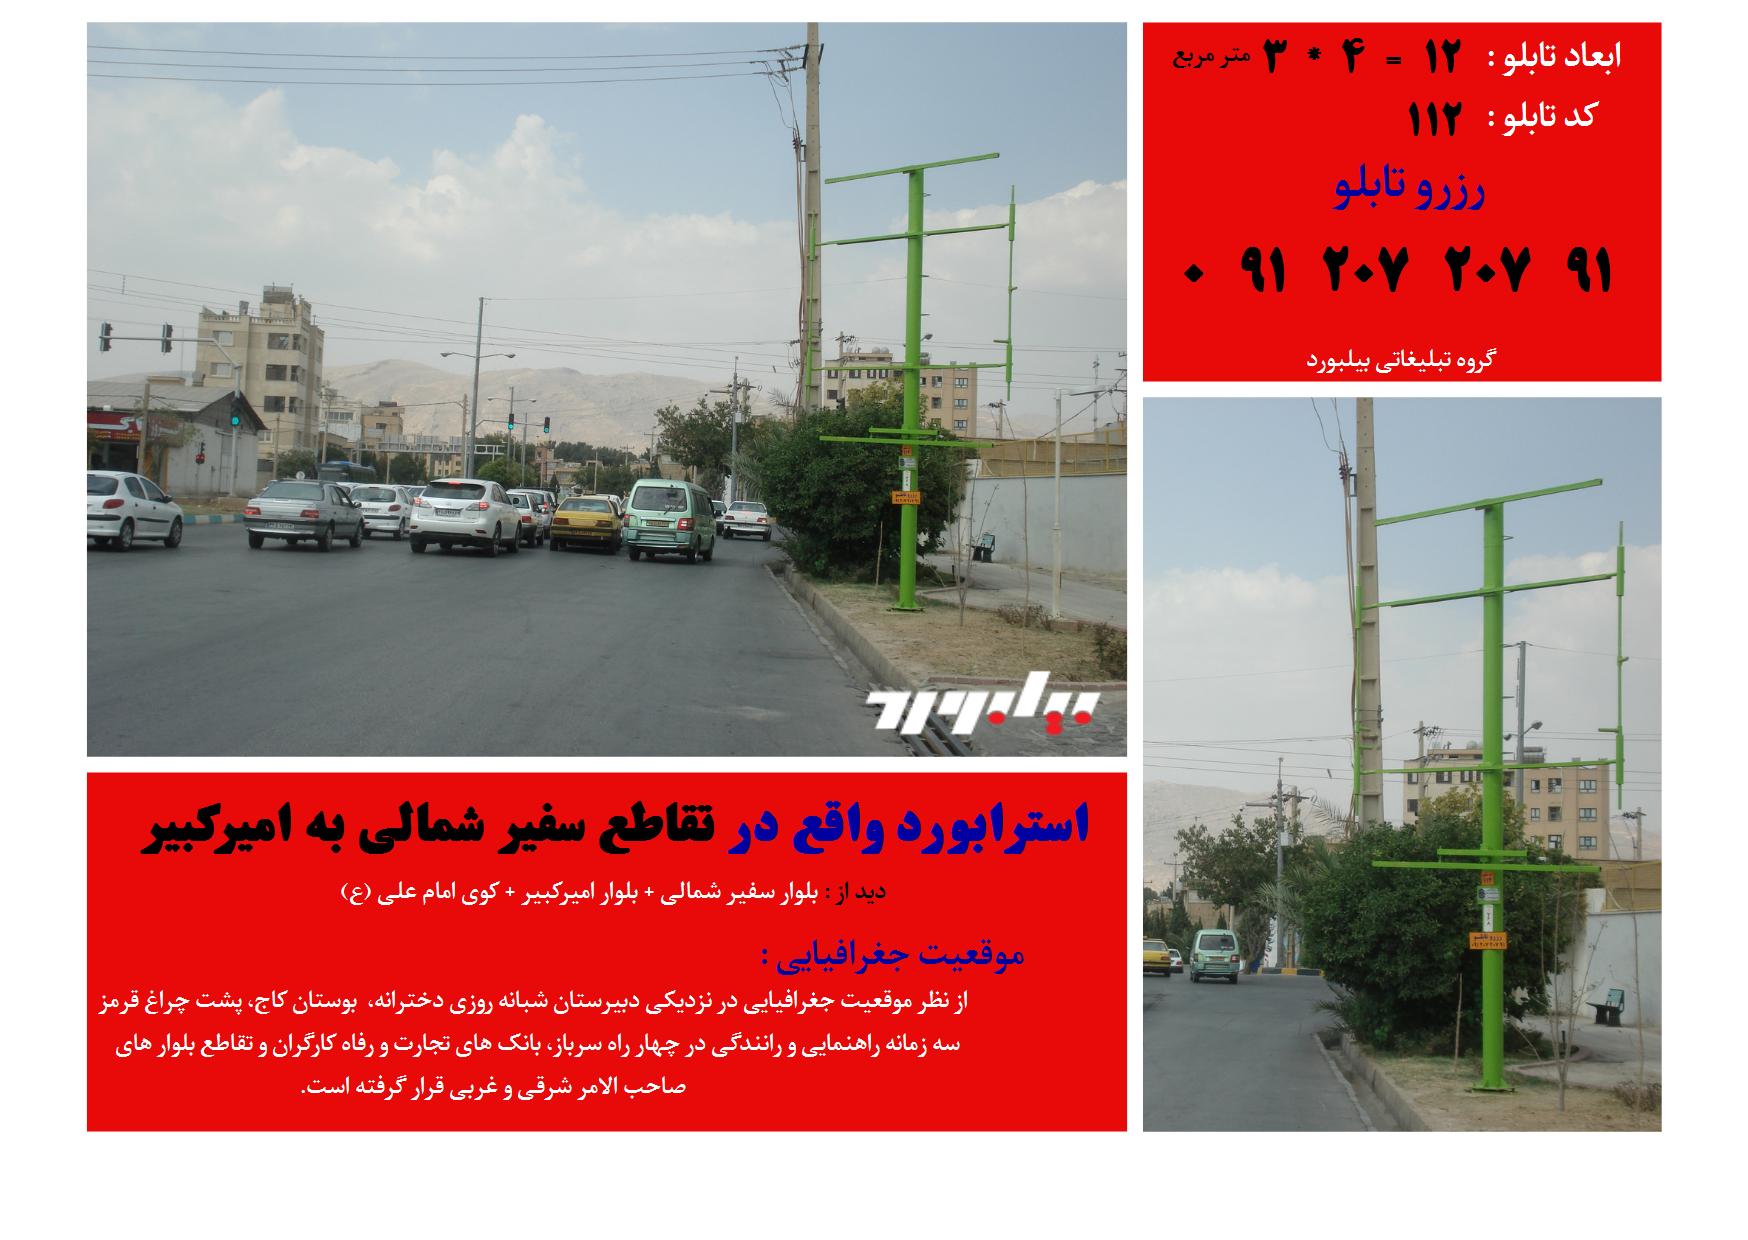 رزرو تابلو تبلیغات محیطی در شیراز|تبلیغات محیطی|فارس شیراز|ثبت آگهی رایگان - بیلبورد